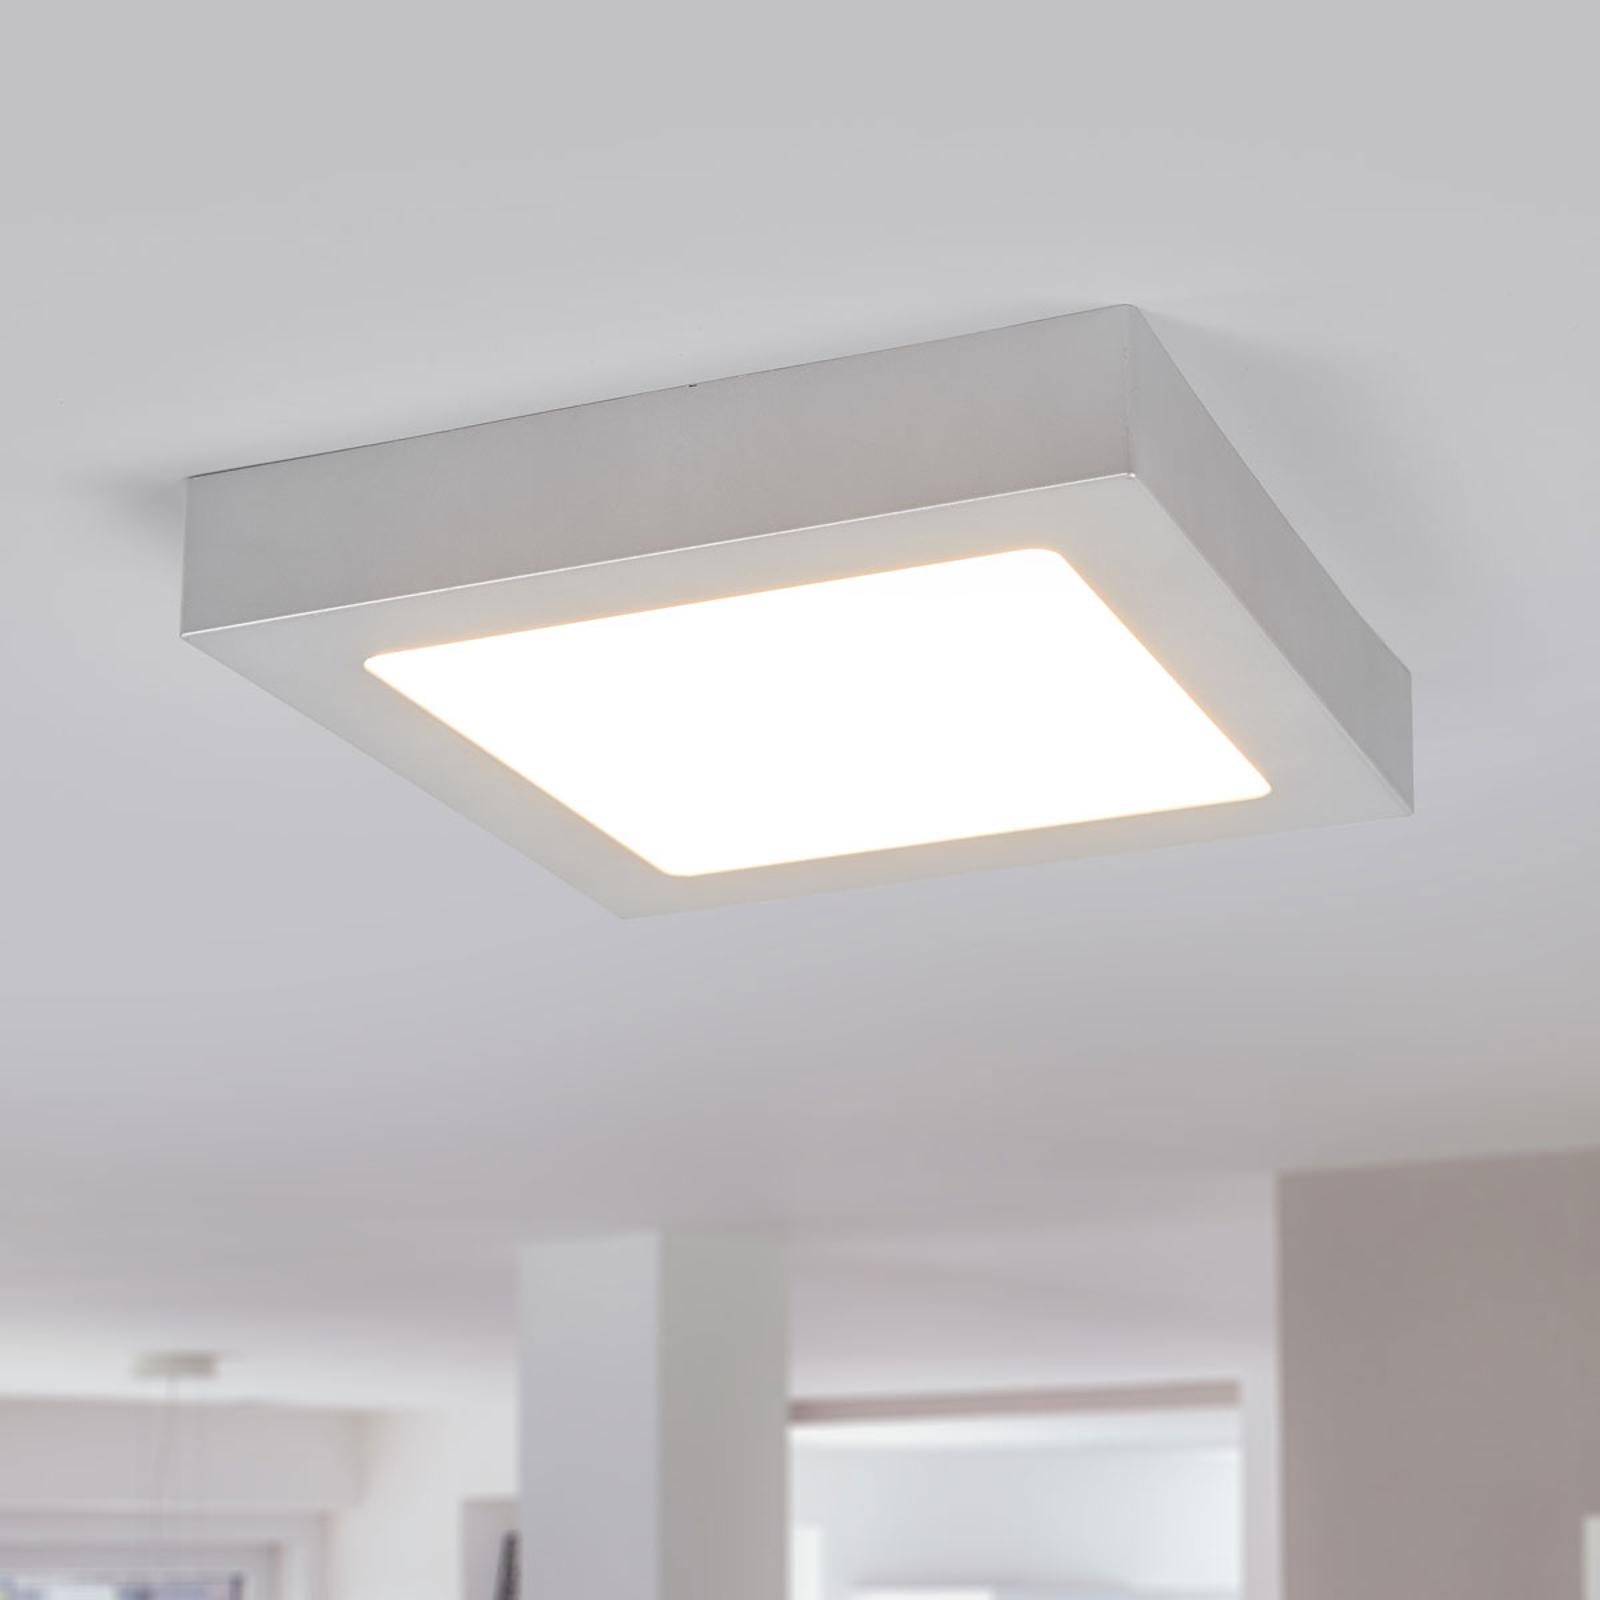 Plafonnier LED Marlo argenté 3000K angulaire 23 cm